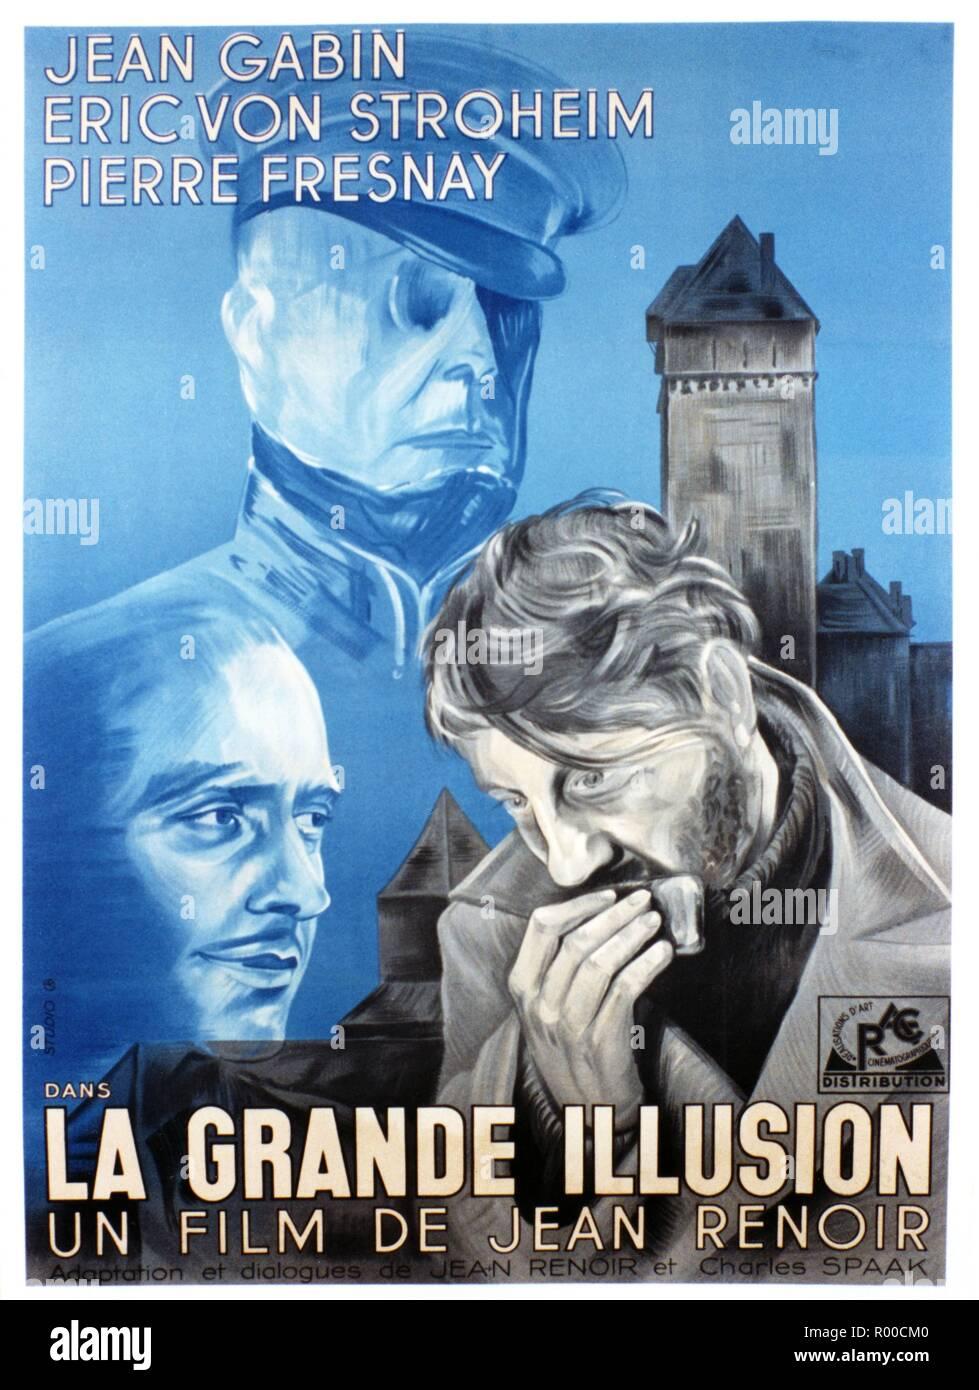 LA GRANDE ILLUSION MOVIE POSTER 1937 Jean Gabin VINTAGE